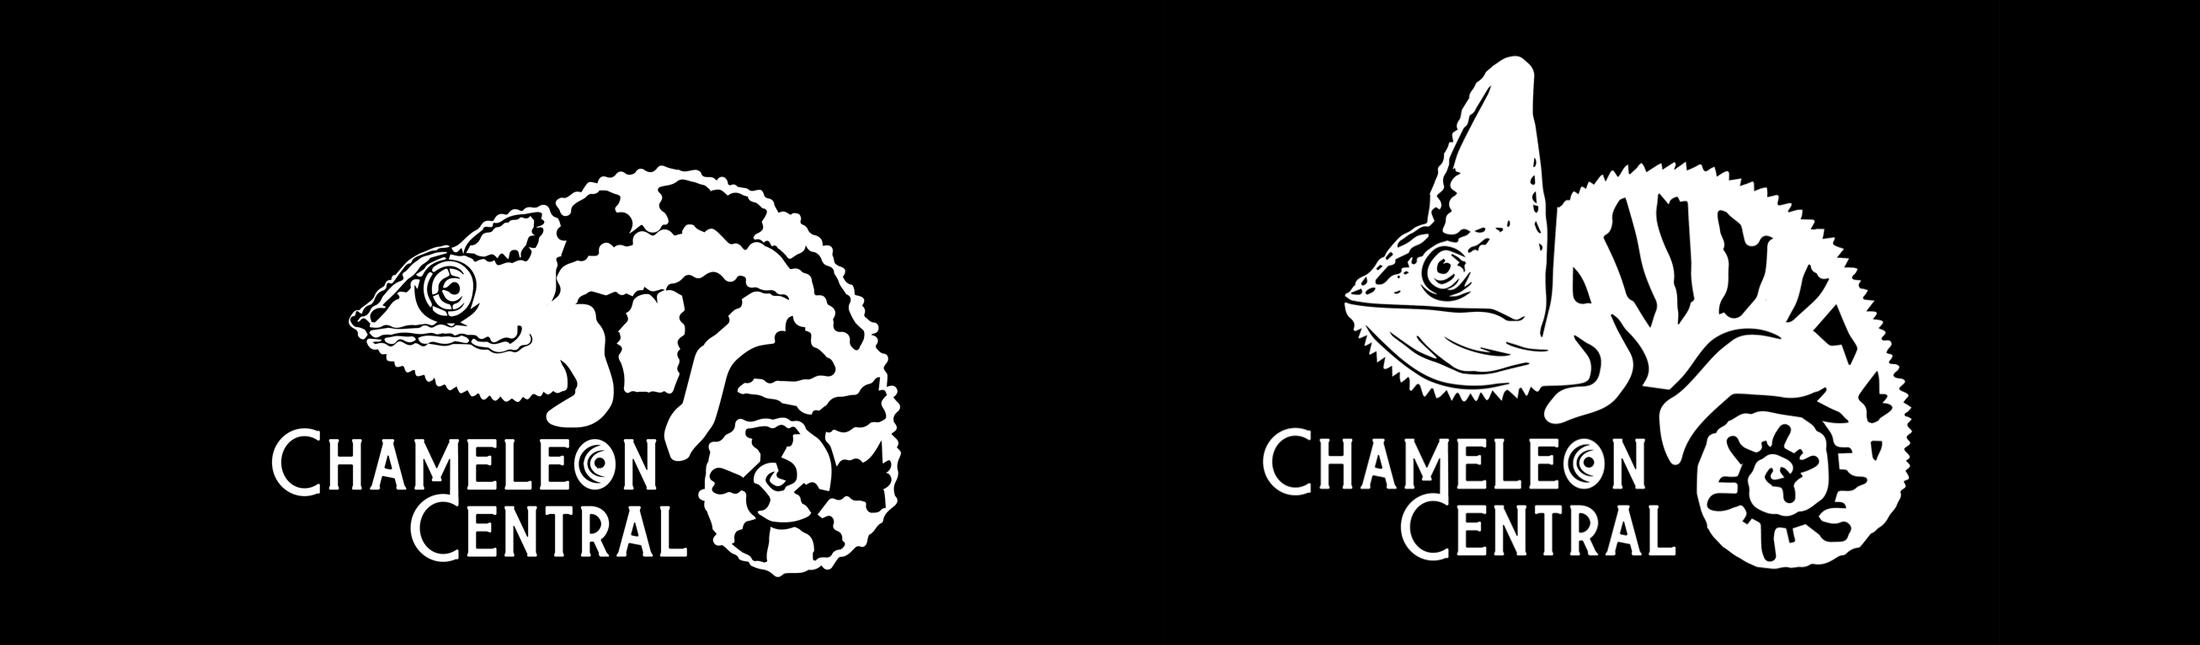 Chameleon Central